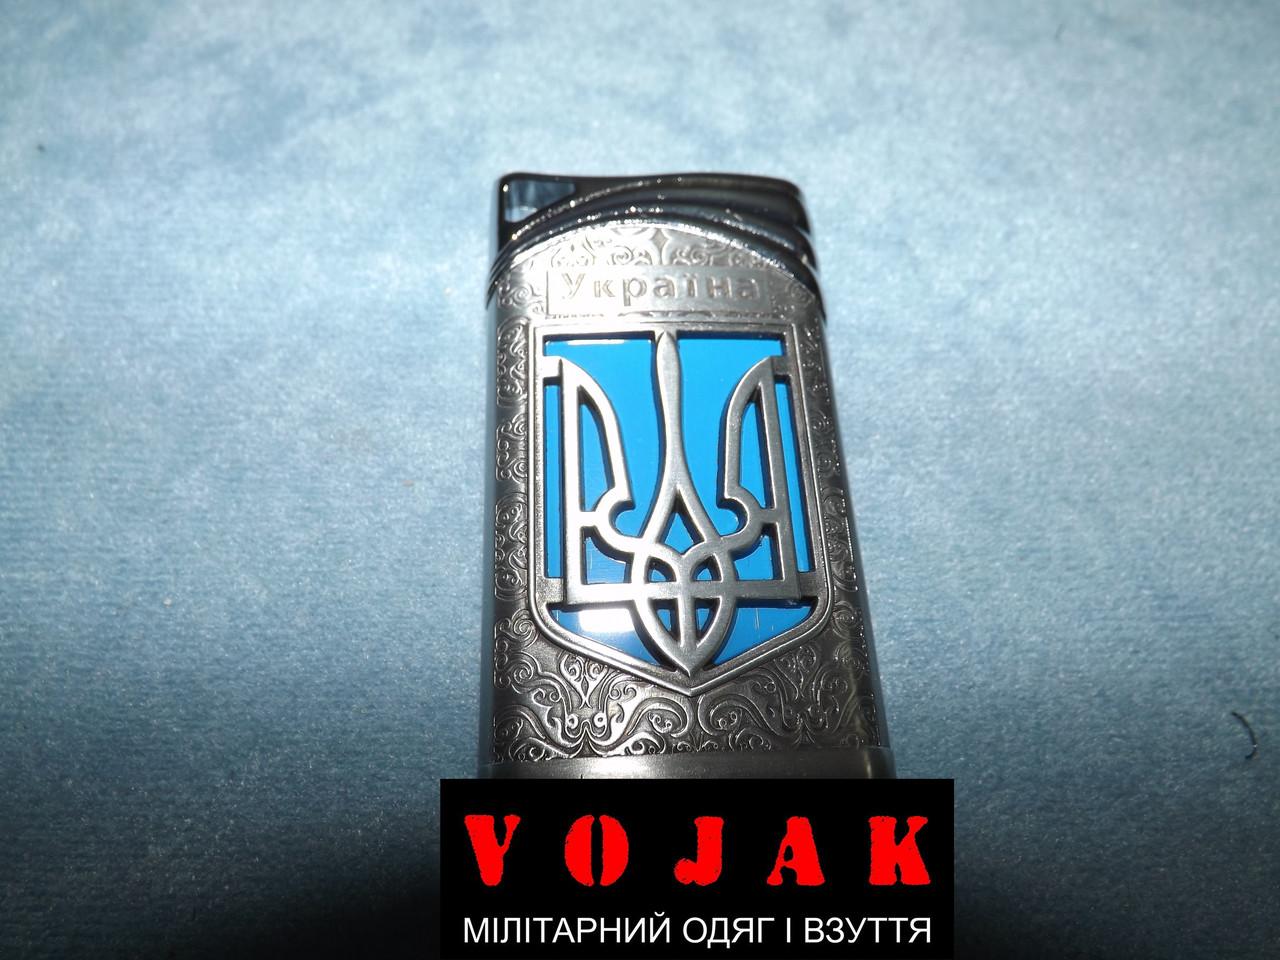 Зажигалка газовая пьезо Ukraine 4543